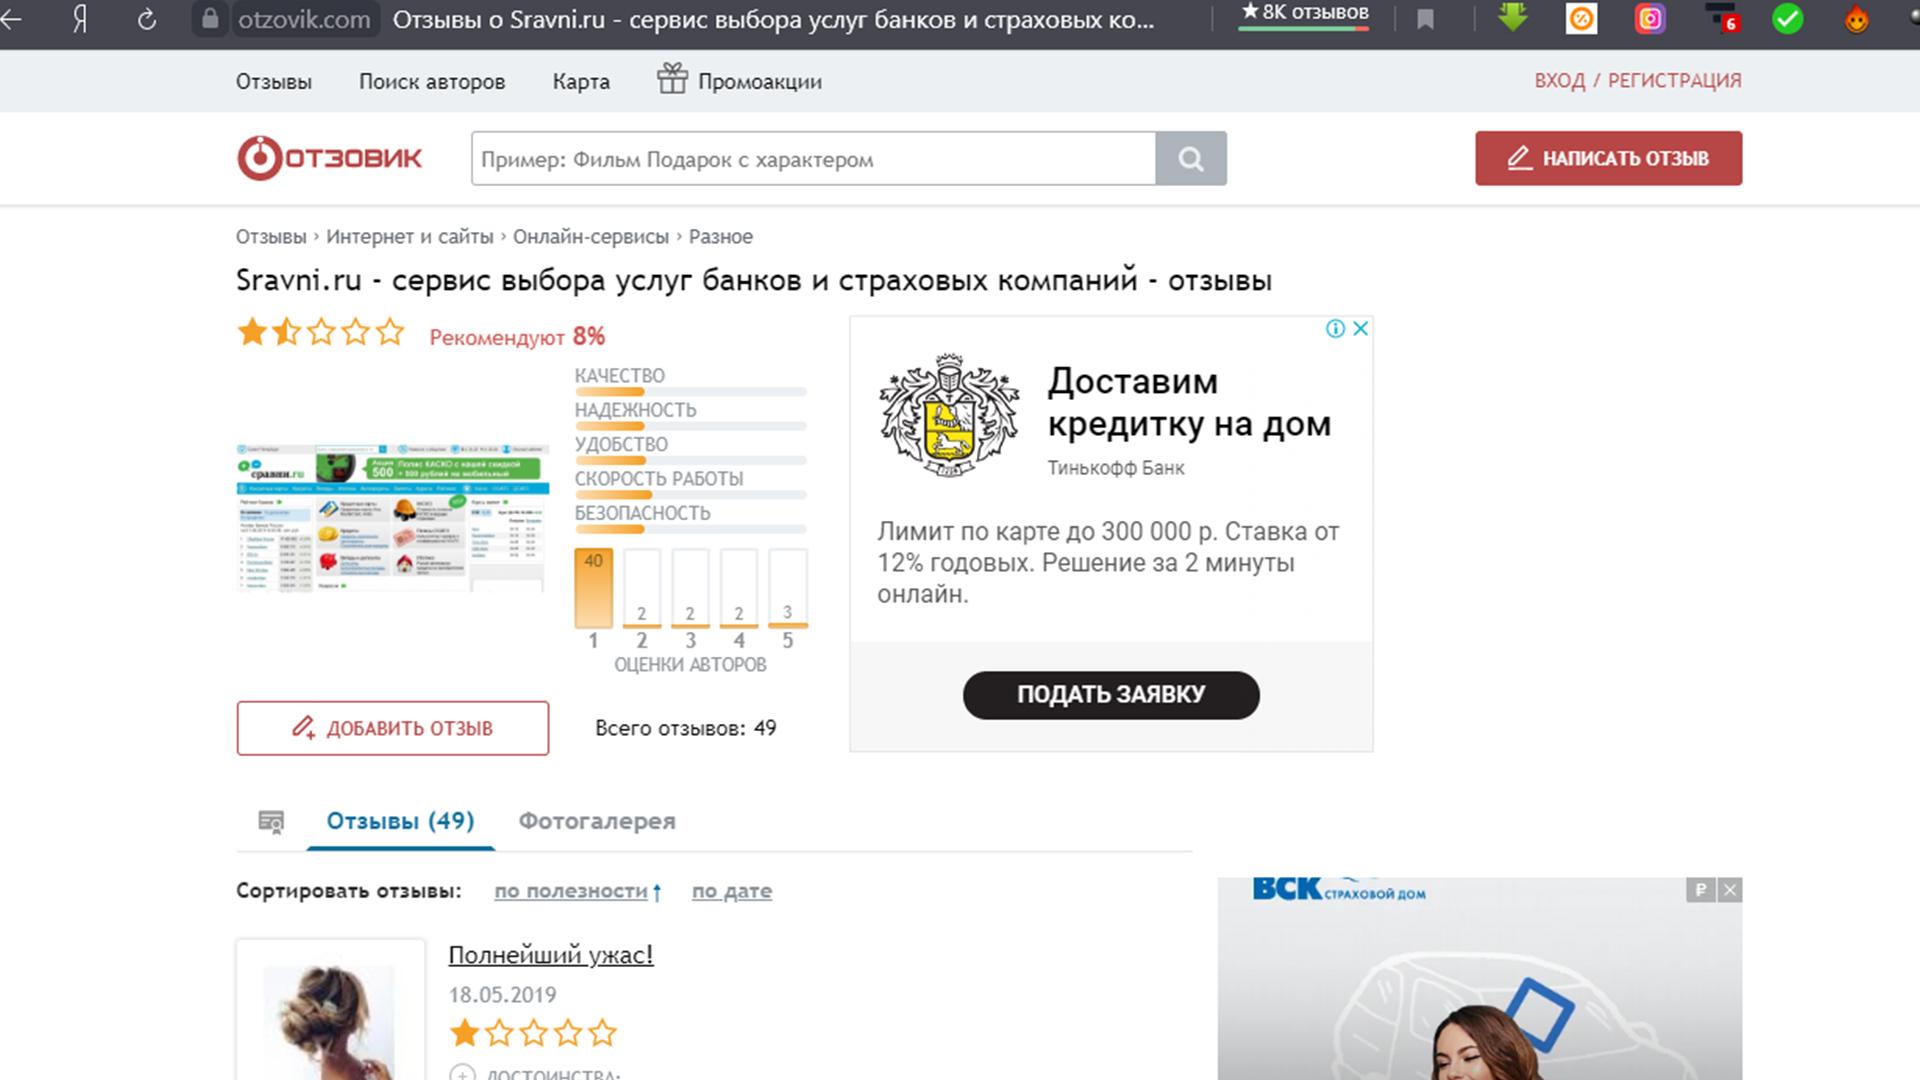 На сайте Отзовик про сайт Сравни.ру отзывы по кредитам в большей части негативные.